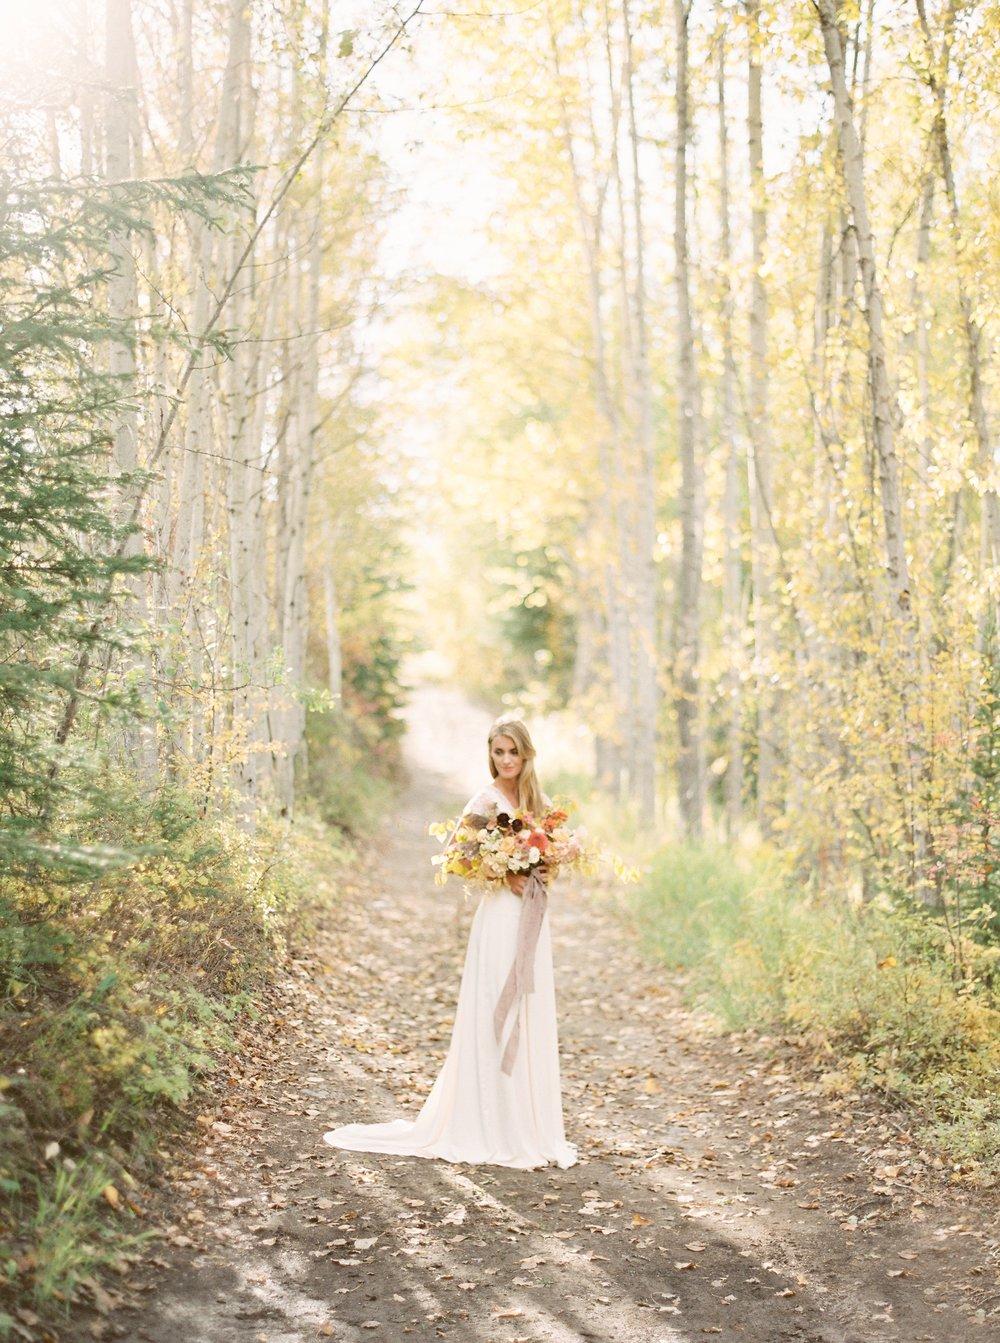 RebeccaHollis-bouquets_152.jpg